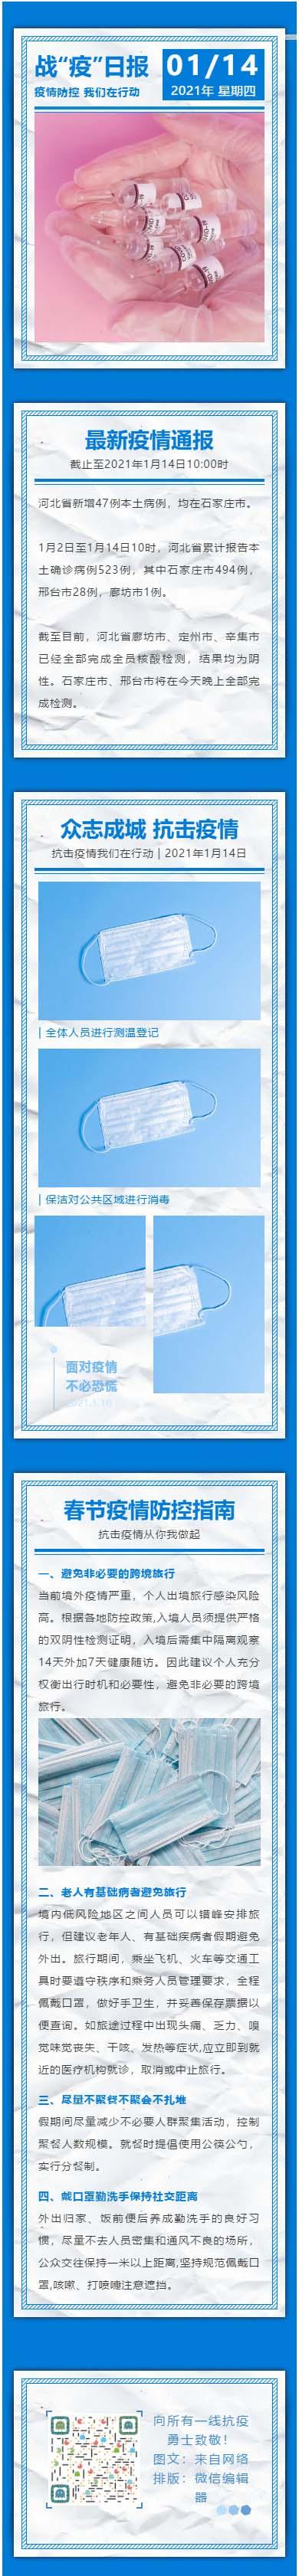 春节疫情防控指南微信医疗模板公众号推文素材推送文章